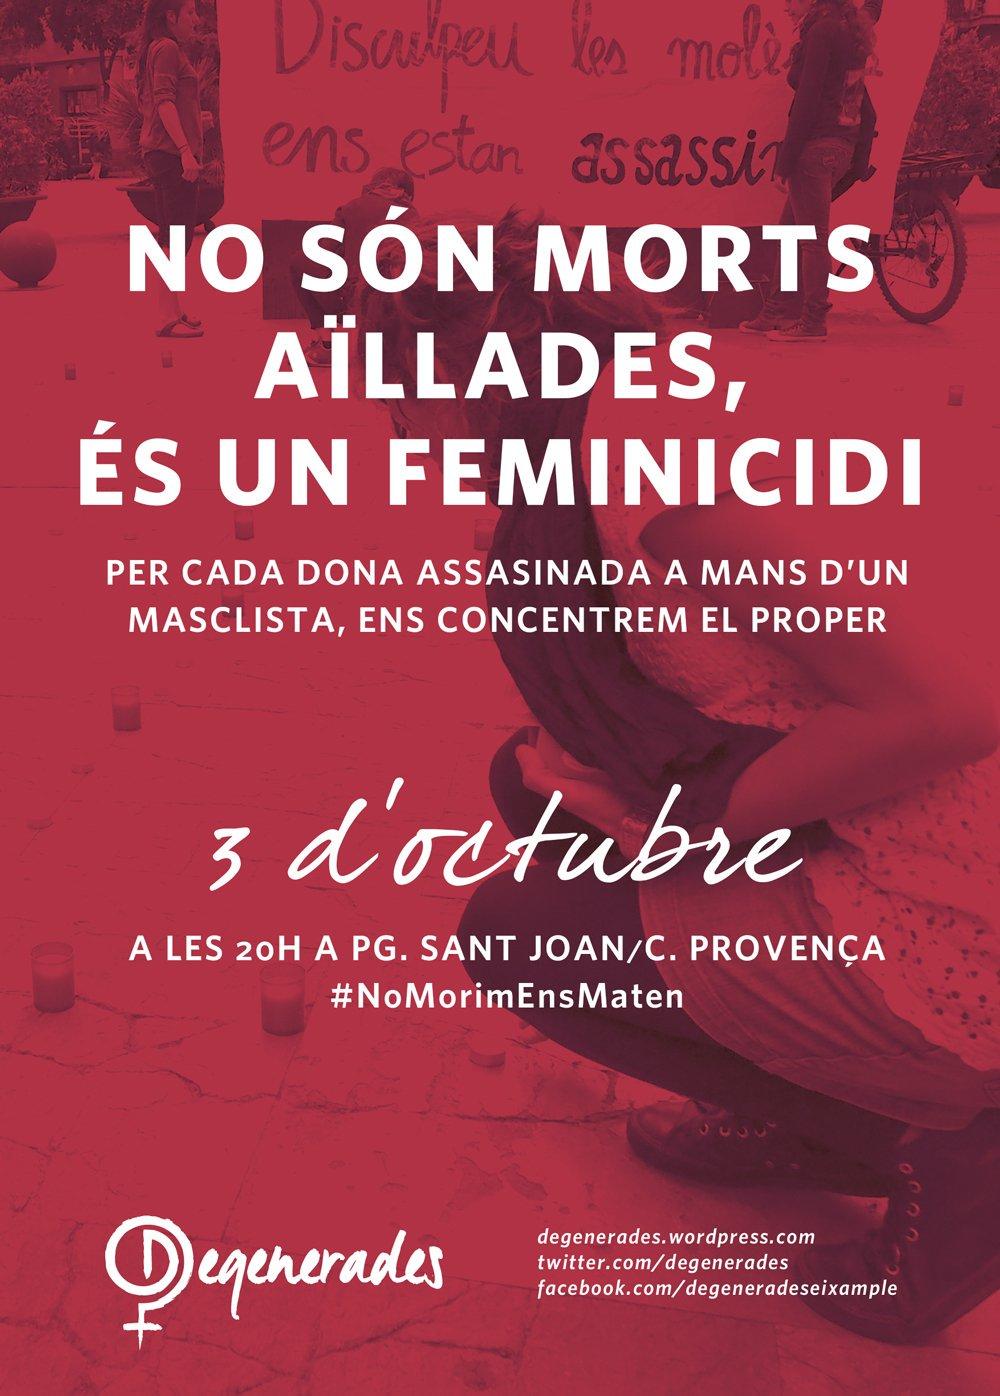 El proper 3 d'octubre ens concentrem contra el #feminicidi a pg.Sant Joan/Provença #EnsVolemVives #NoMorimEnsMaten https://t.co/4uhcOj8RAX